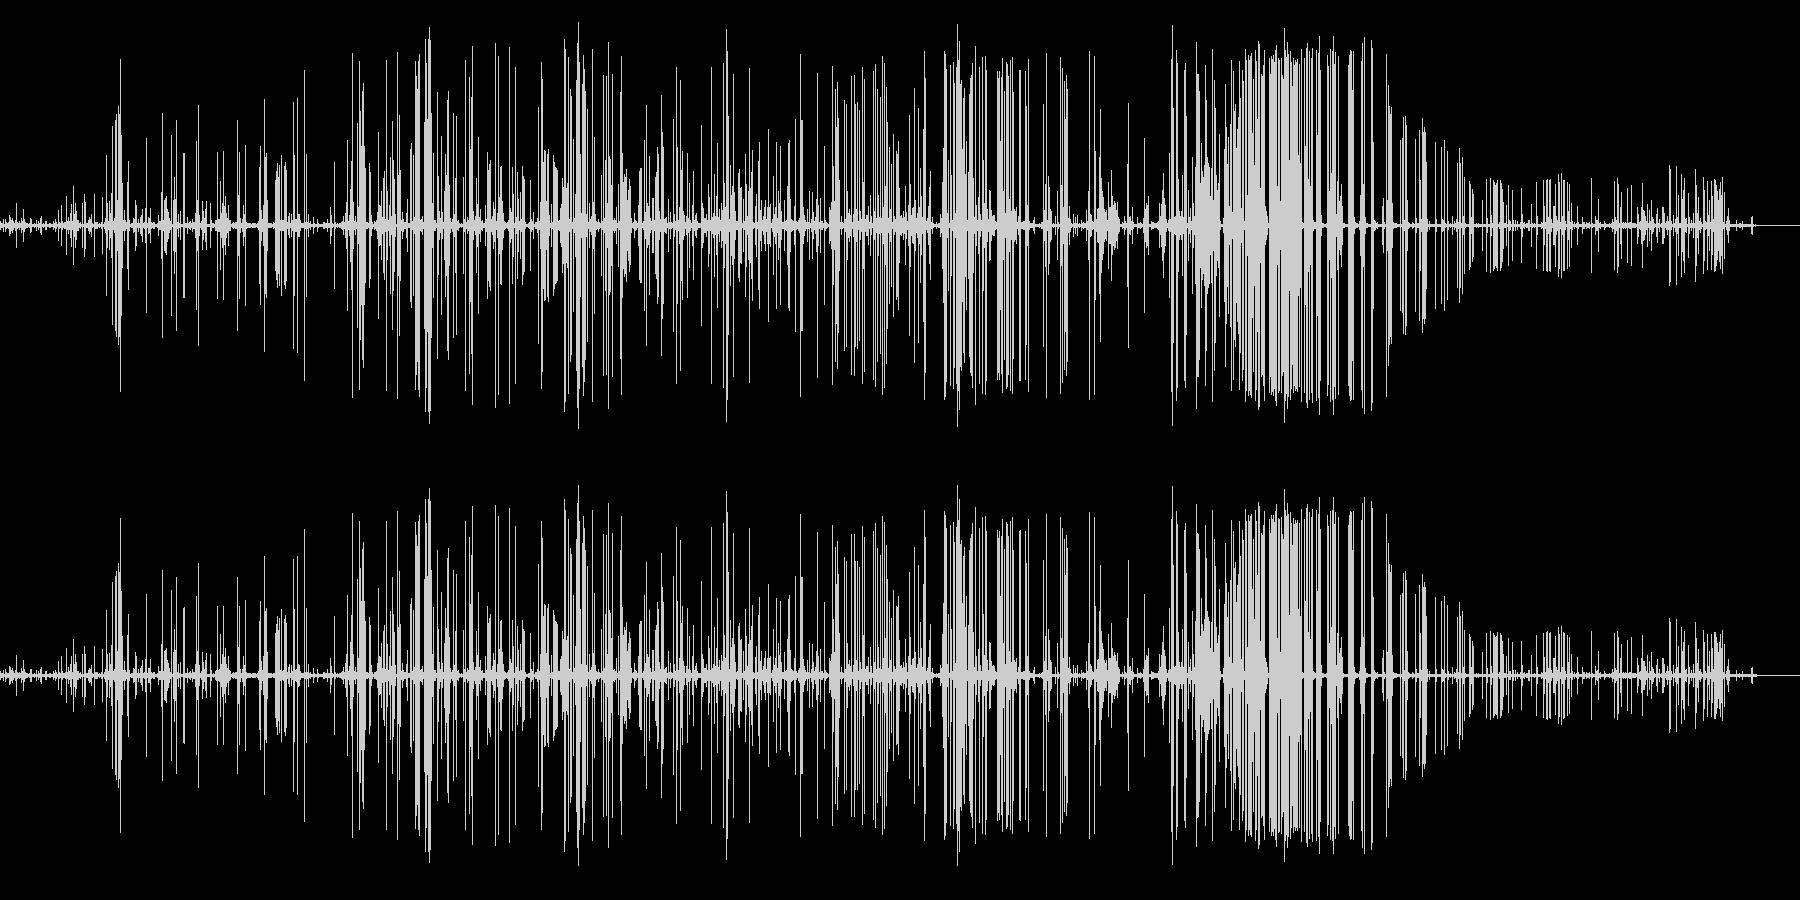 グラスグラインド&クリーク;ストレ...の未再生の波形